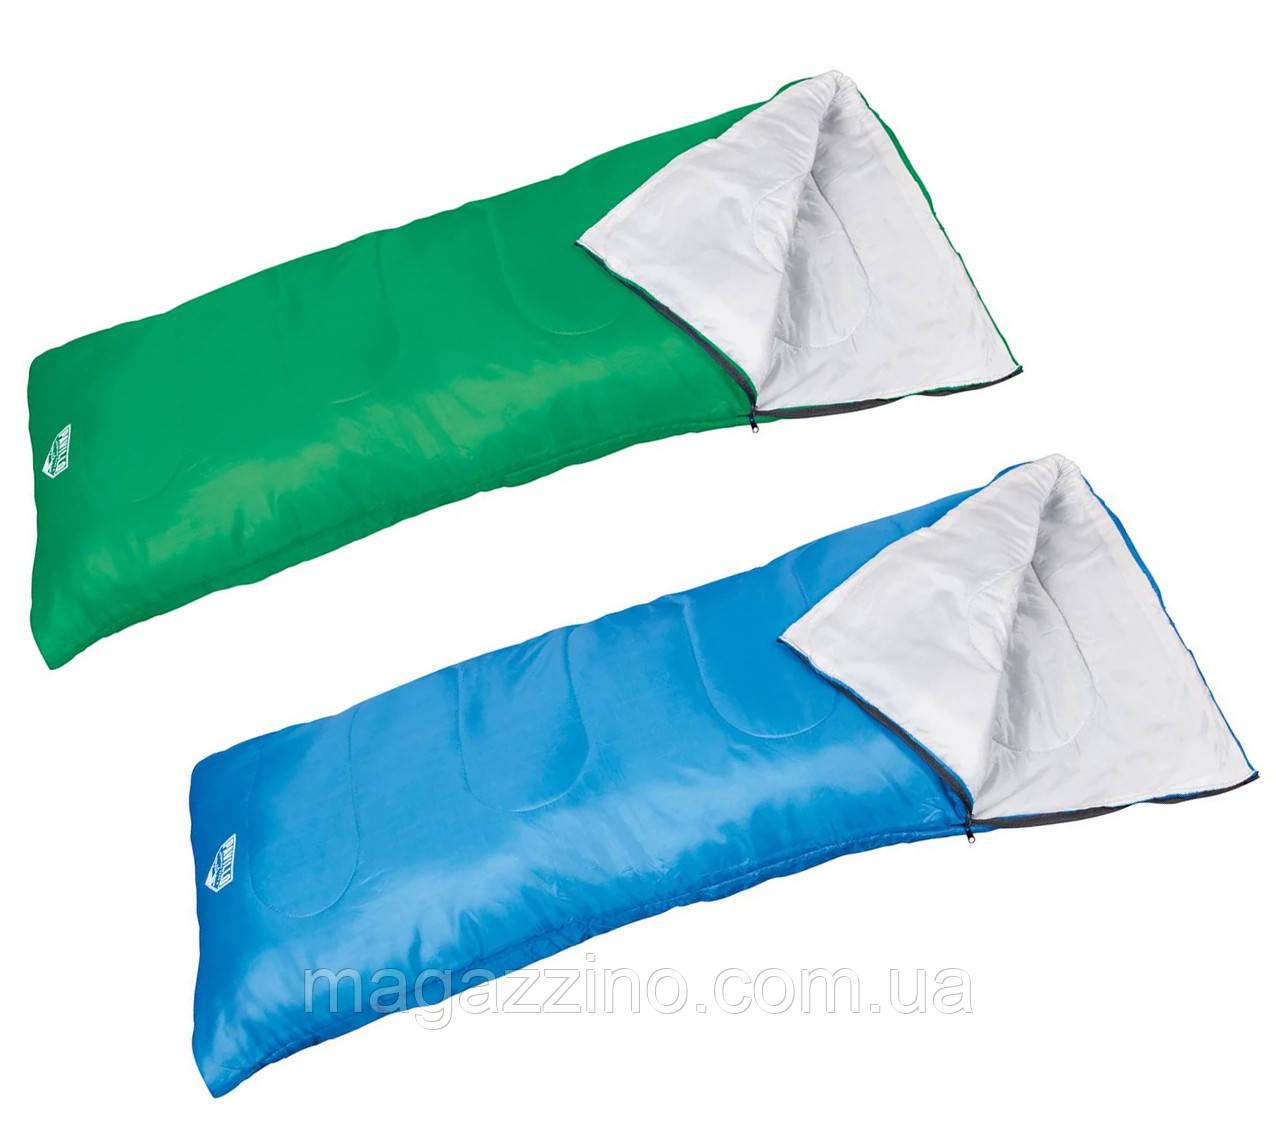 Спальный мешок одеяло, Bestway Evade-200, 180 x 75 см.